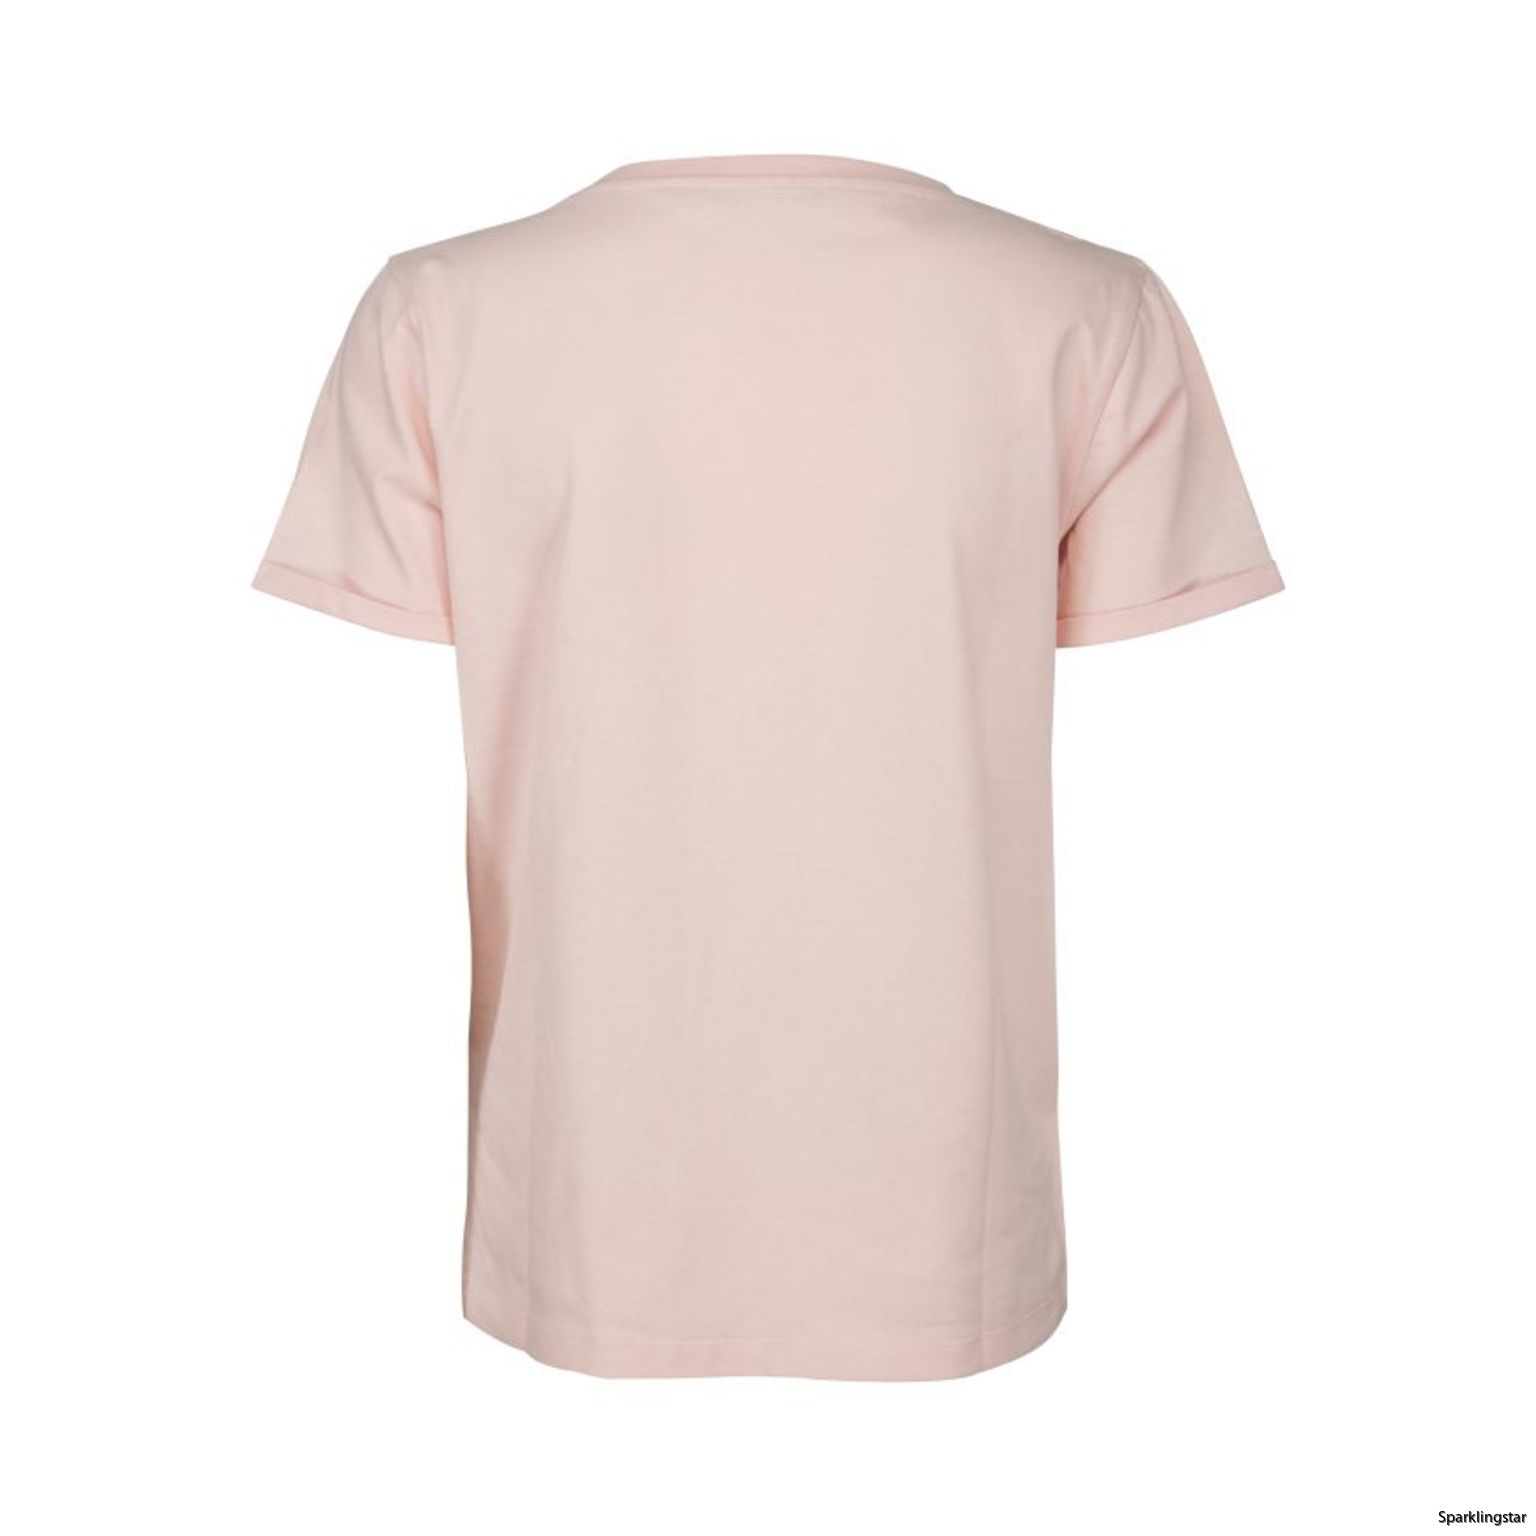 Sofie Schnoor Filicia T-shirt